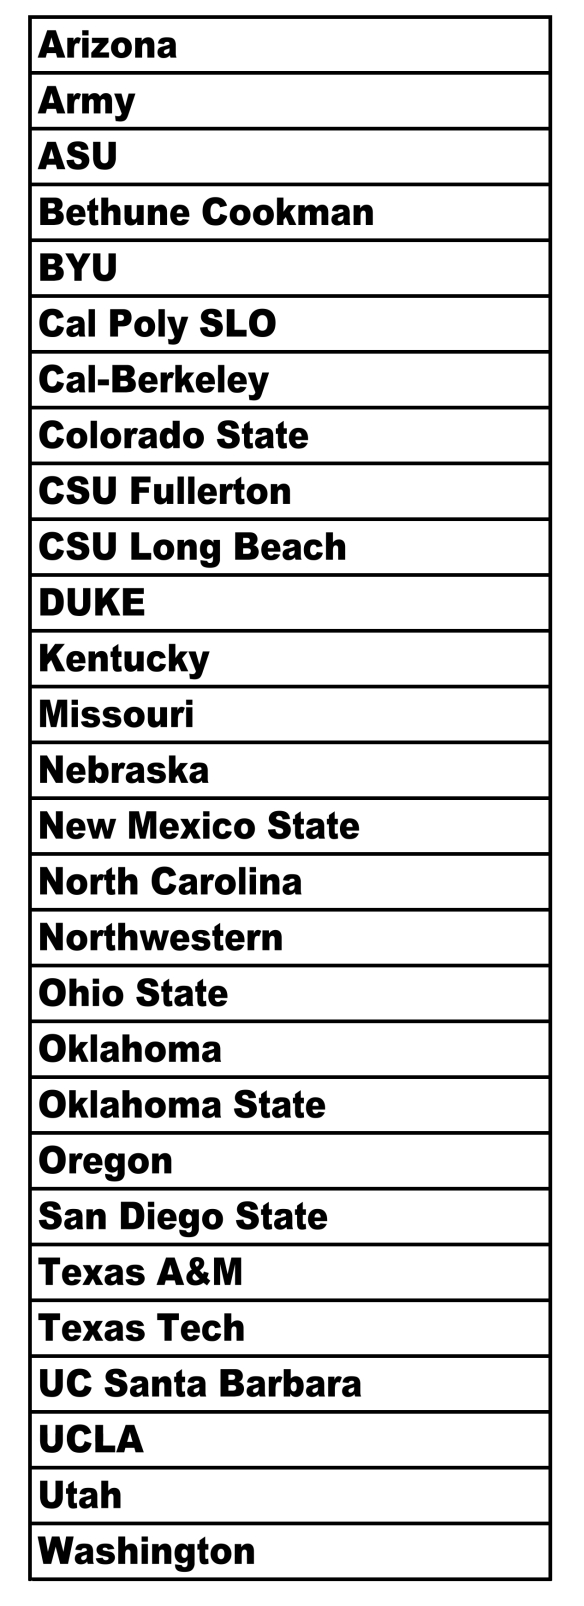 teams list 10-17-18_001